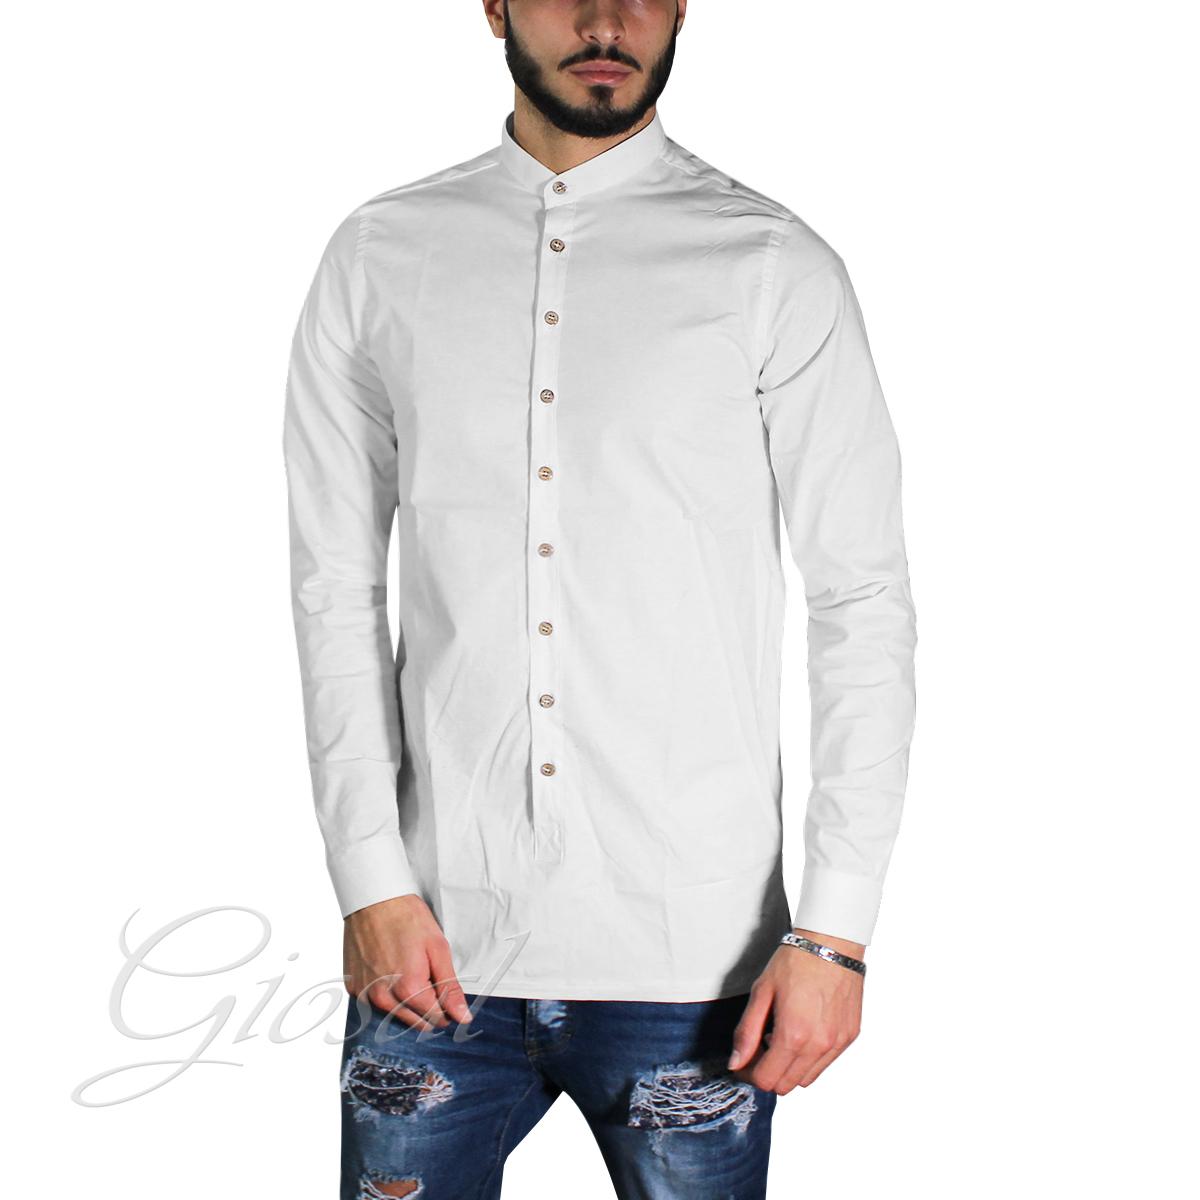 Camicia-Uomo-Over-D-Bottoni-Collo-Coreano-Tinta-Unita-Vari-Colori-Casual-GIOSAL miniatura 9